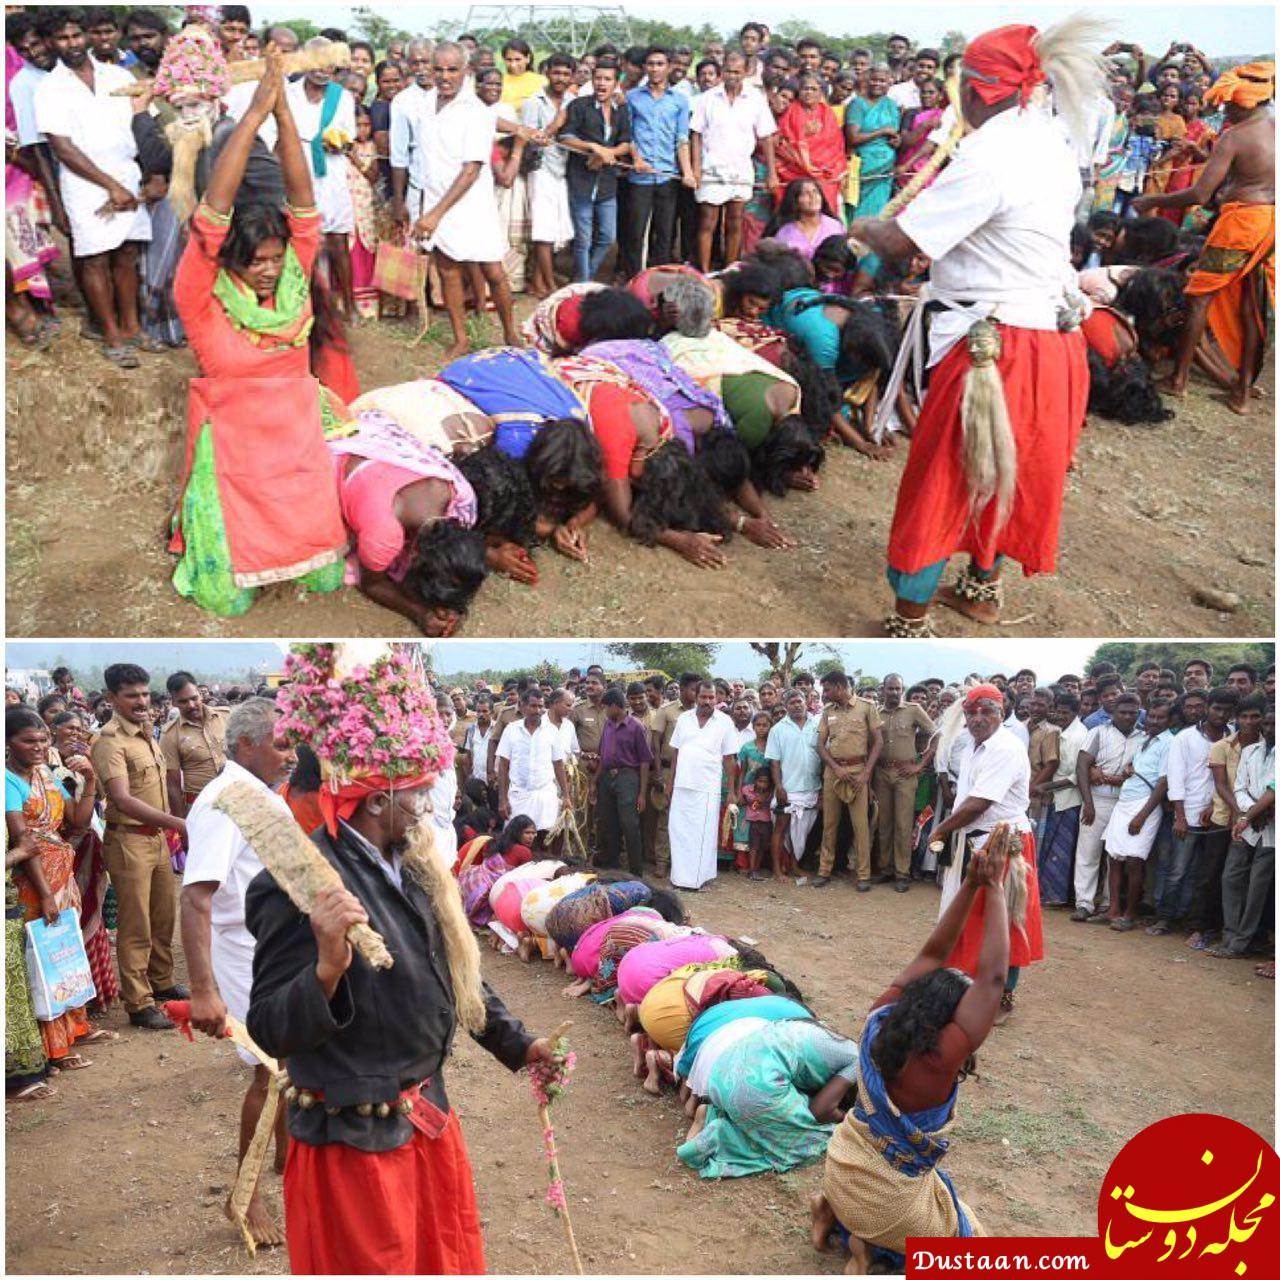 کتک زدن زنان برای خارج کردن روح شیطانی! +عکس